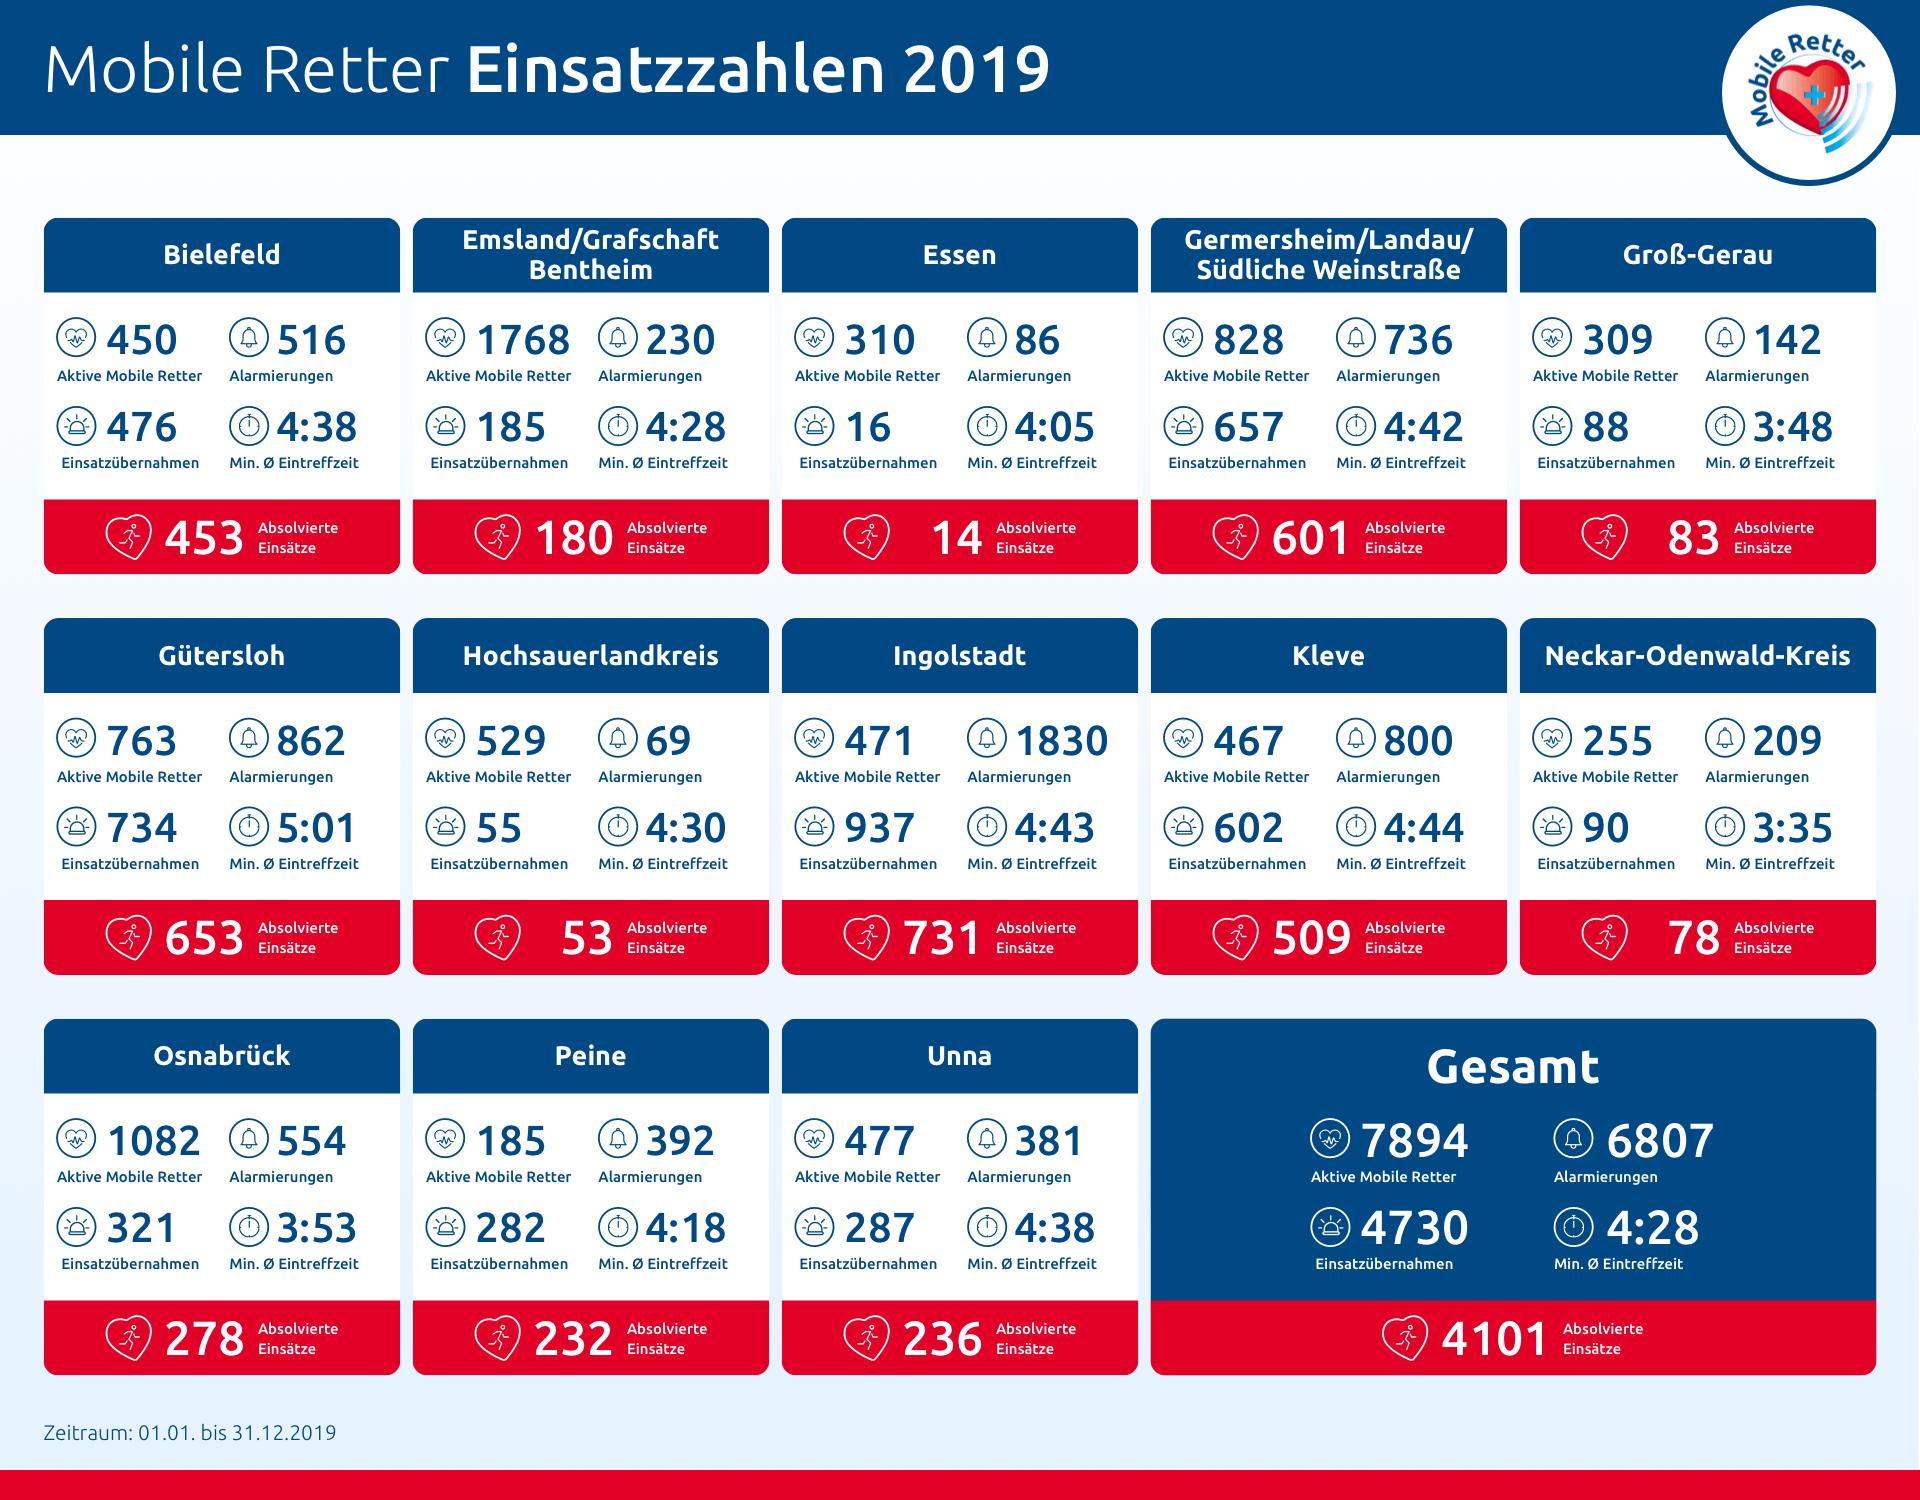 mobile-retter-einsatzstatistik-2019-regionen